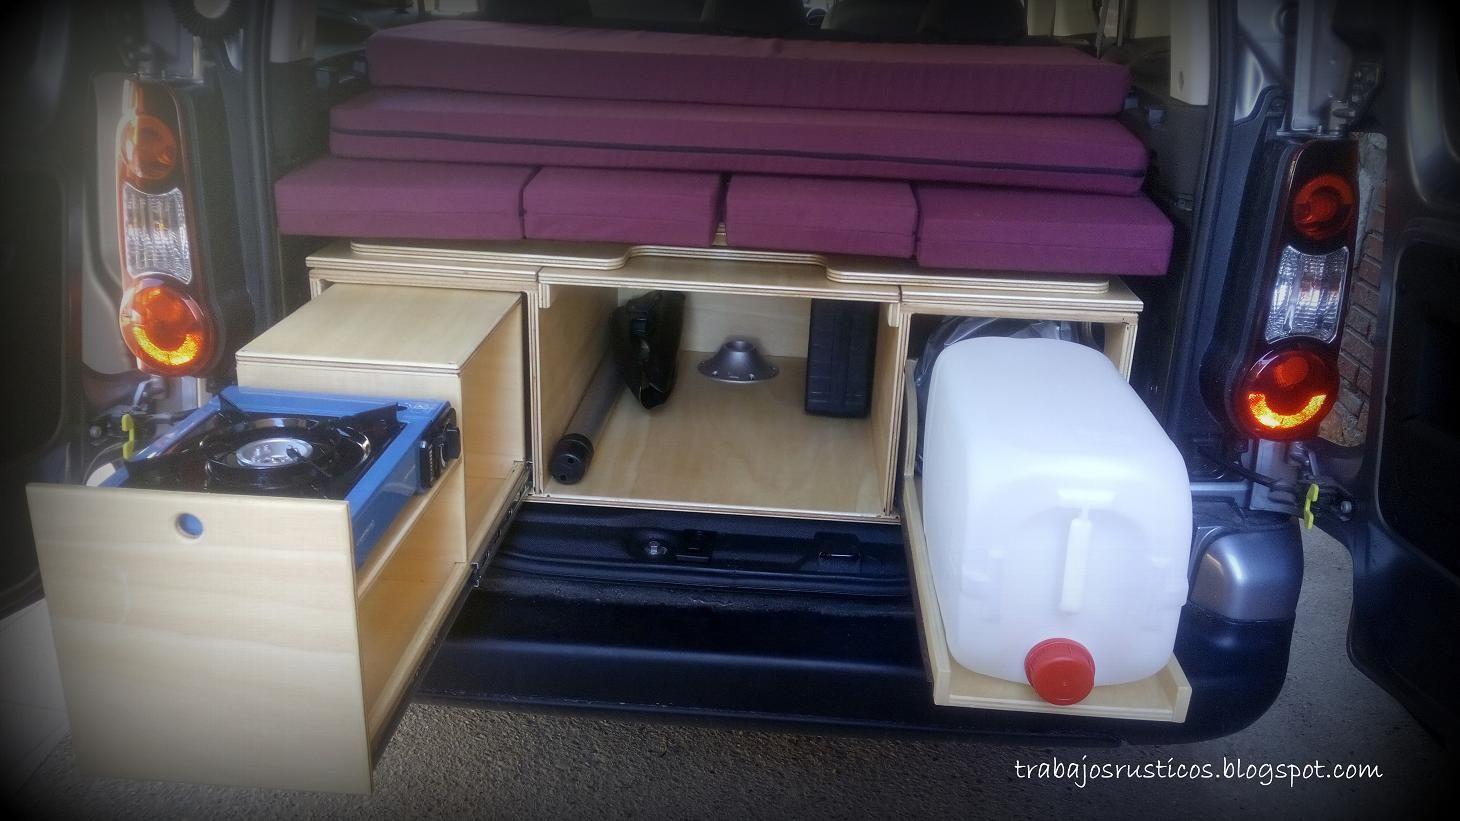 Artesan a madera muebles de madera r sticos camperizaciones camper furgonetas camperizar - Muebles de madera rusticos ...